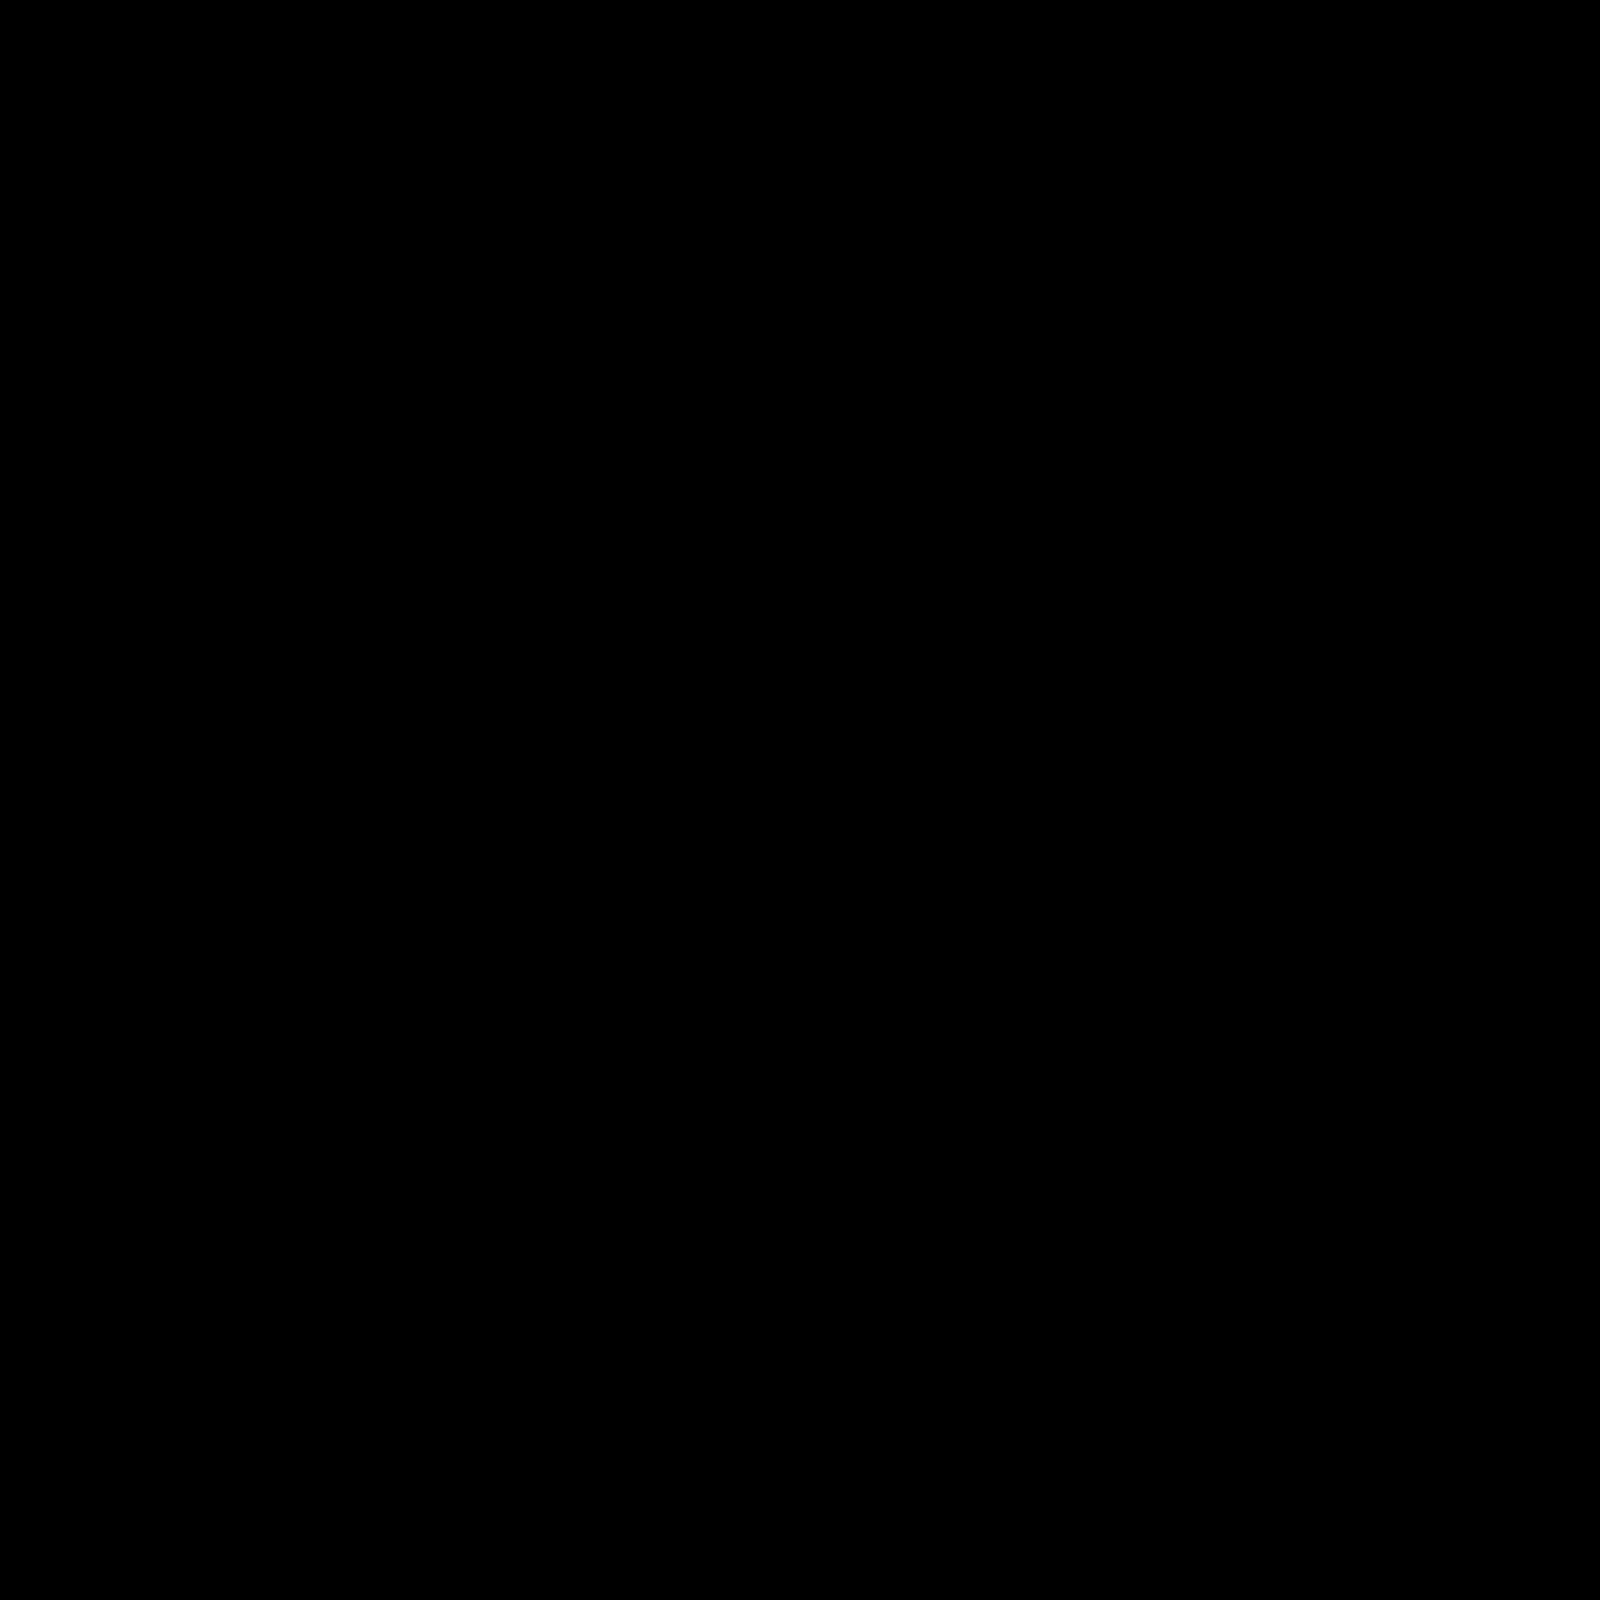 Więcej lub równe 2 icon